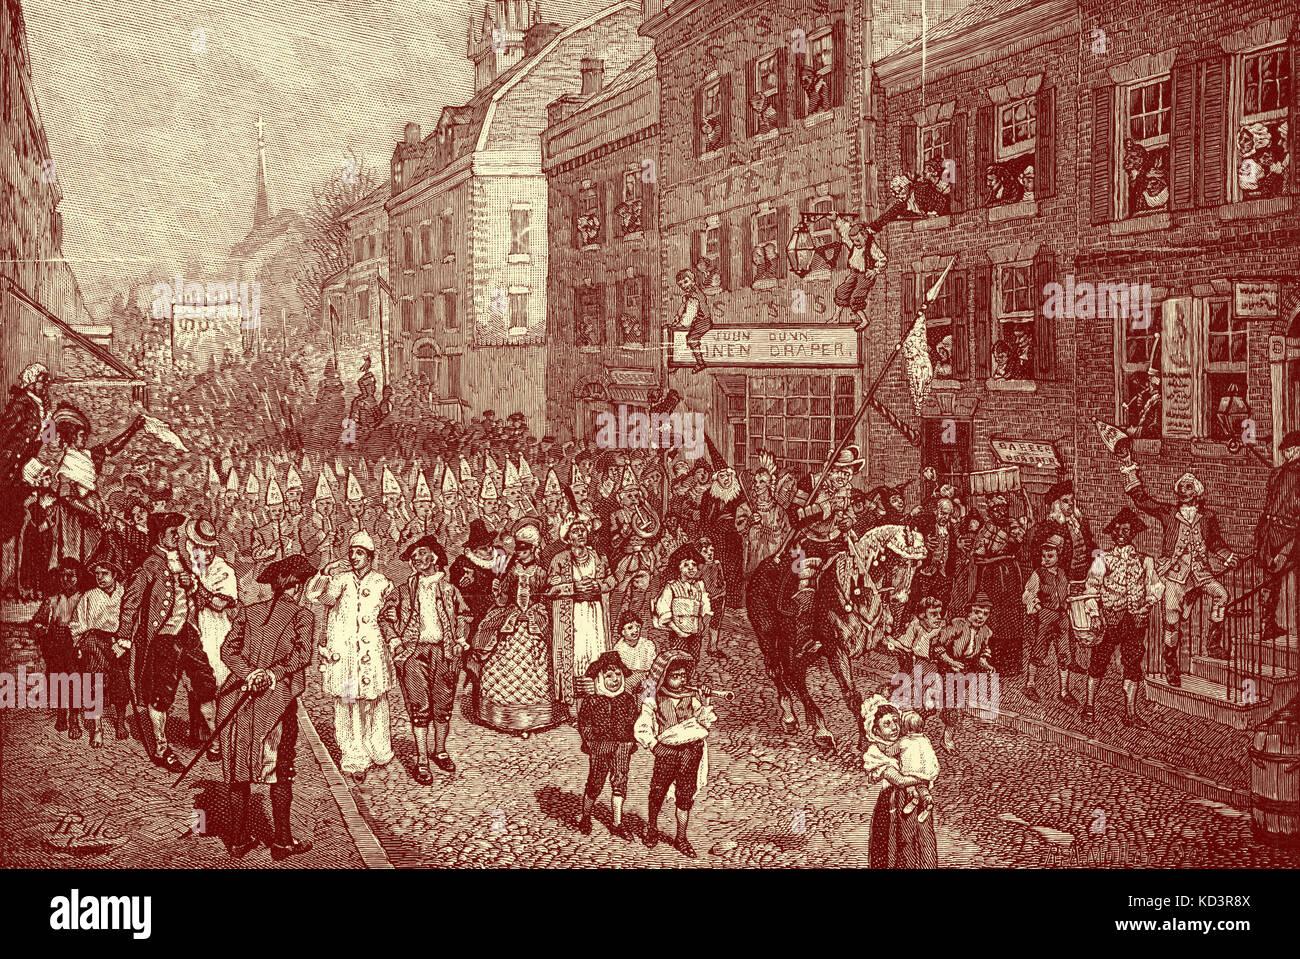 Lenten carnaval, Filadelfia, América colonial, 1700. Ilustración de Howard Pyle, 1901 Foto de stock